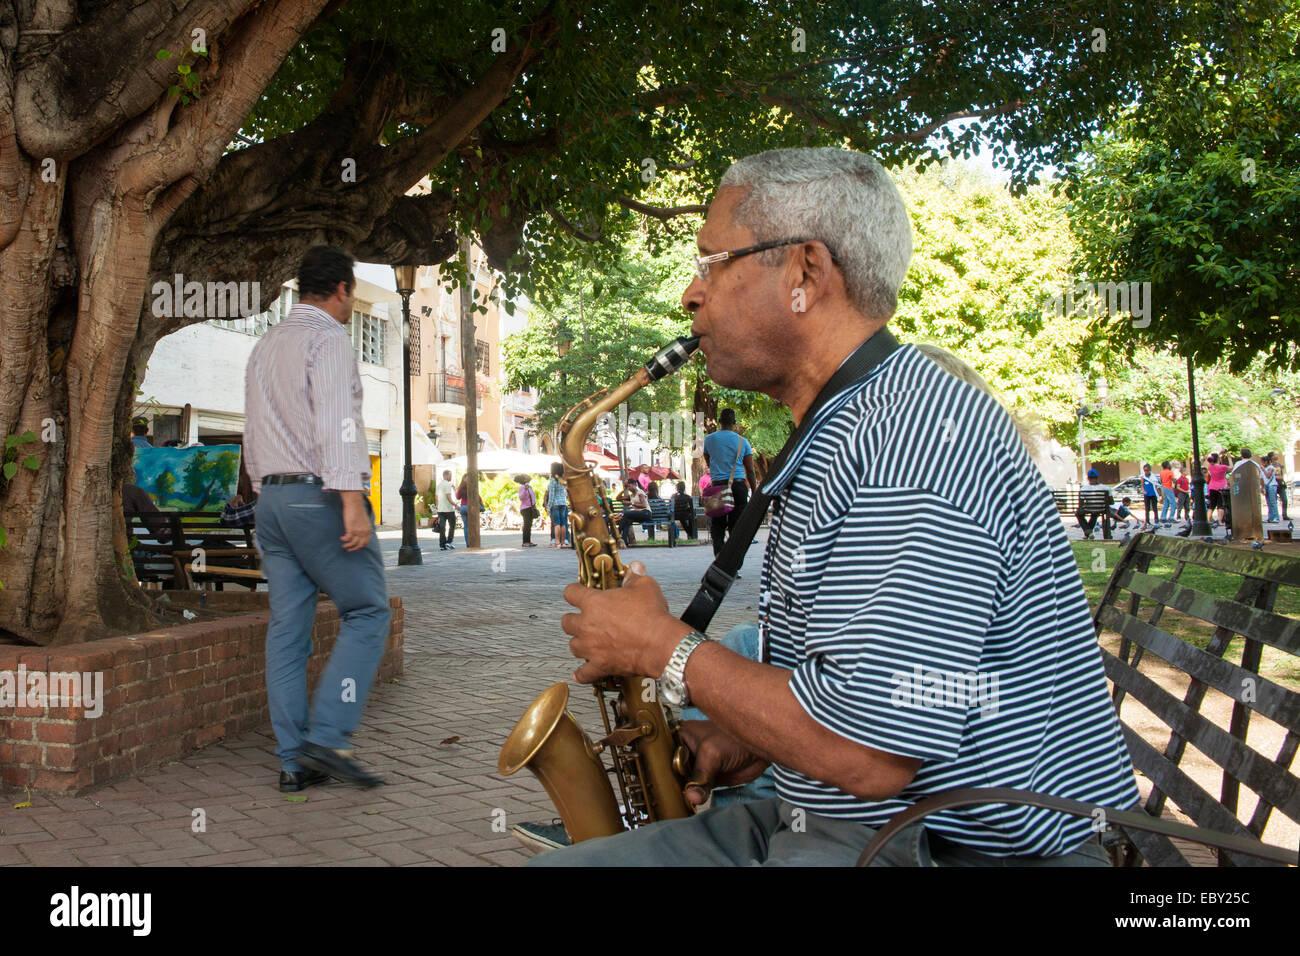 Dominikanische Republik, Santo Domingo, Zona Colonial, Zona Colonial, Parque Colon, Musiker Stockbild